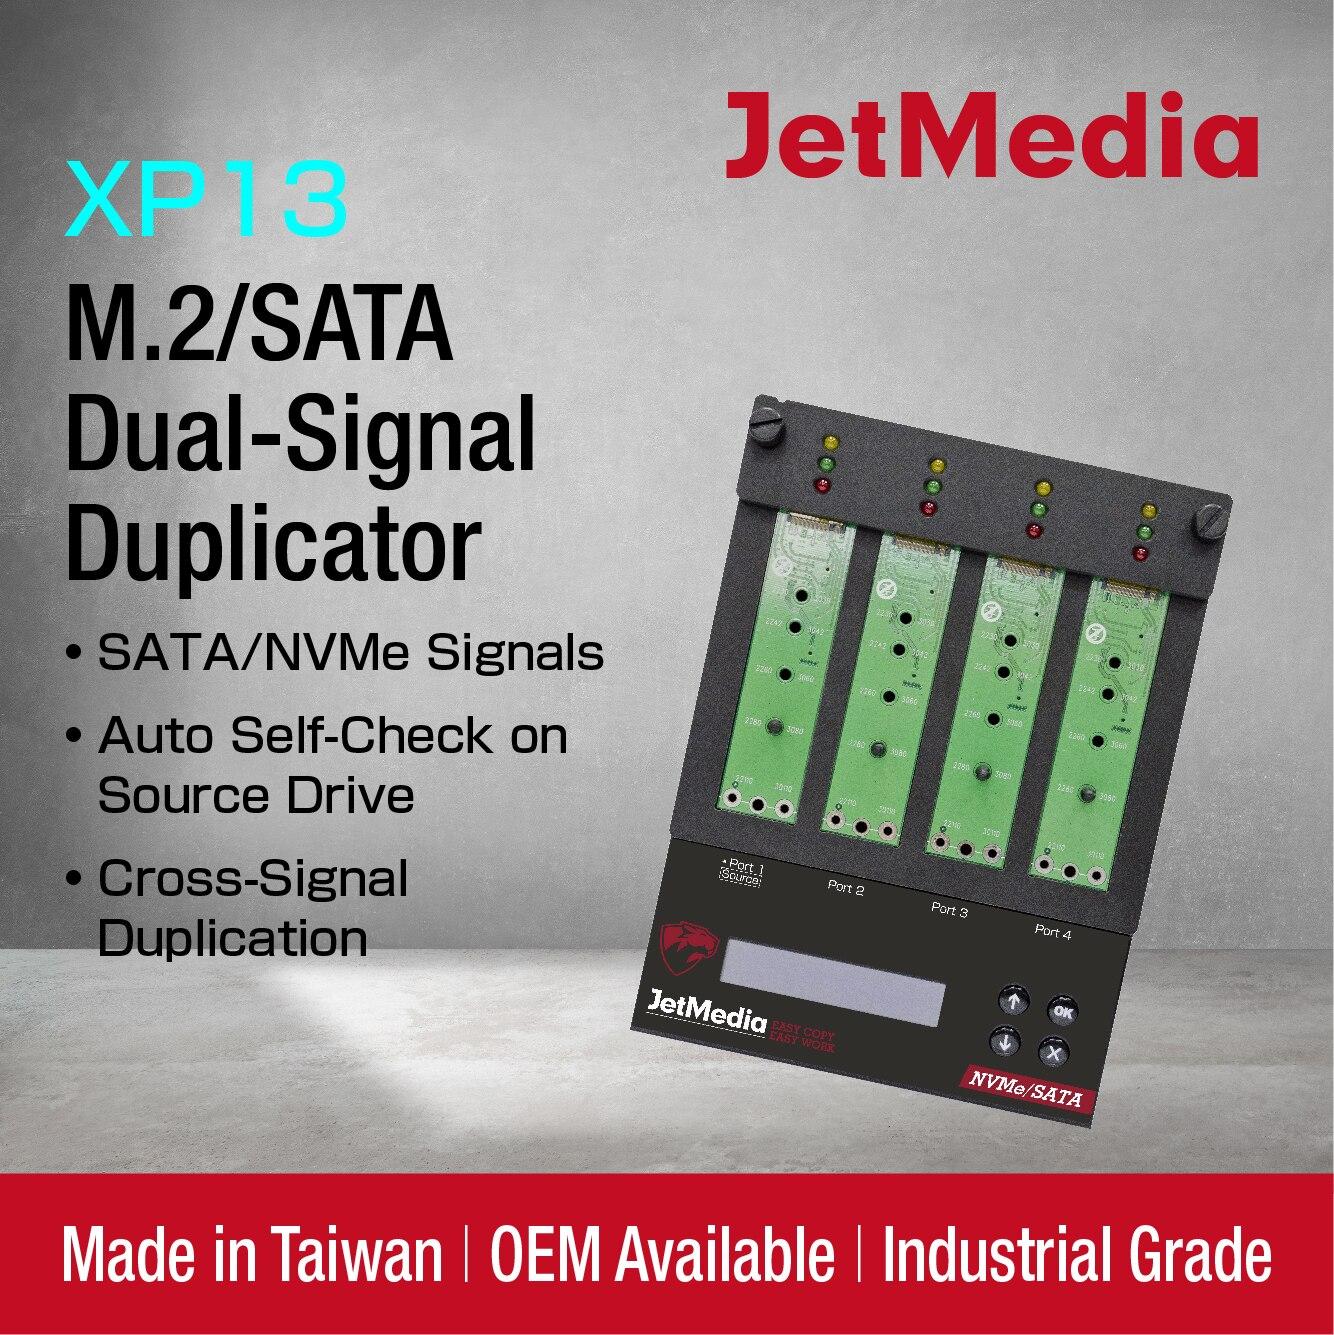 M2 NVMe SSD Duplicator JetMedia XP13 SATA NVMe Cross-Signal Duplication M2 SSD Copier